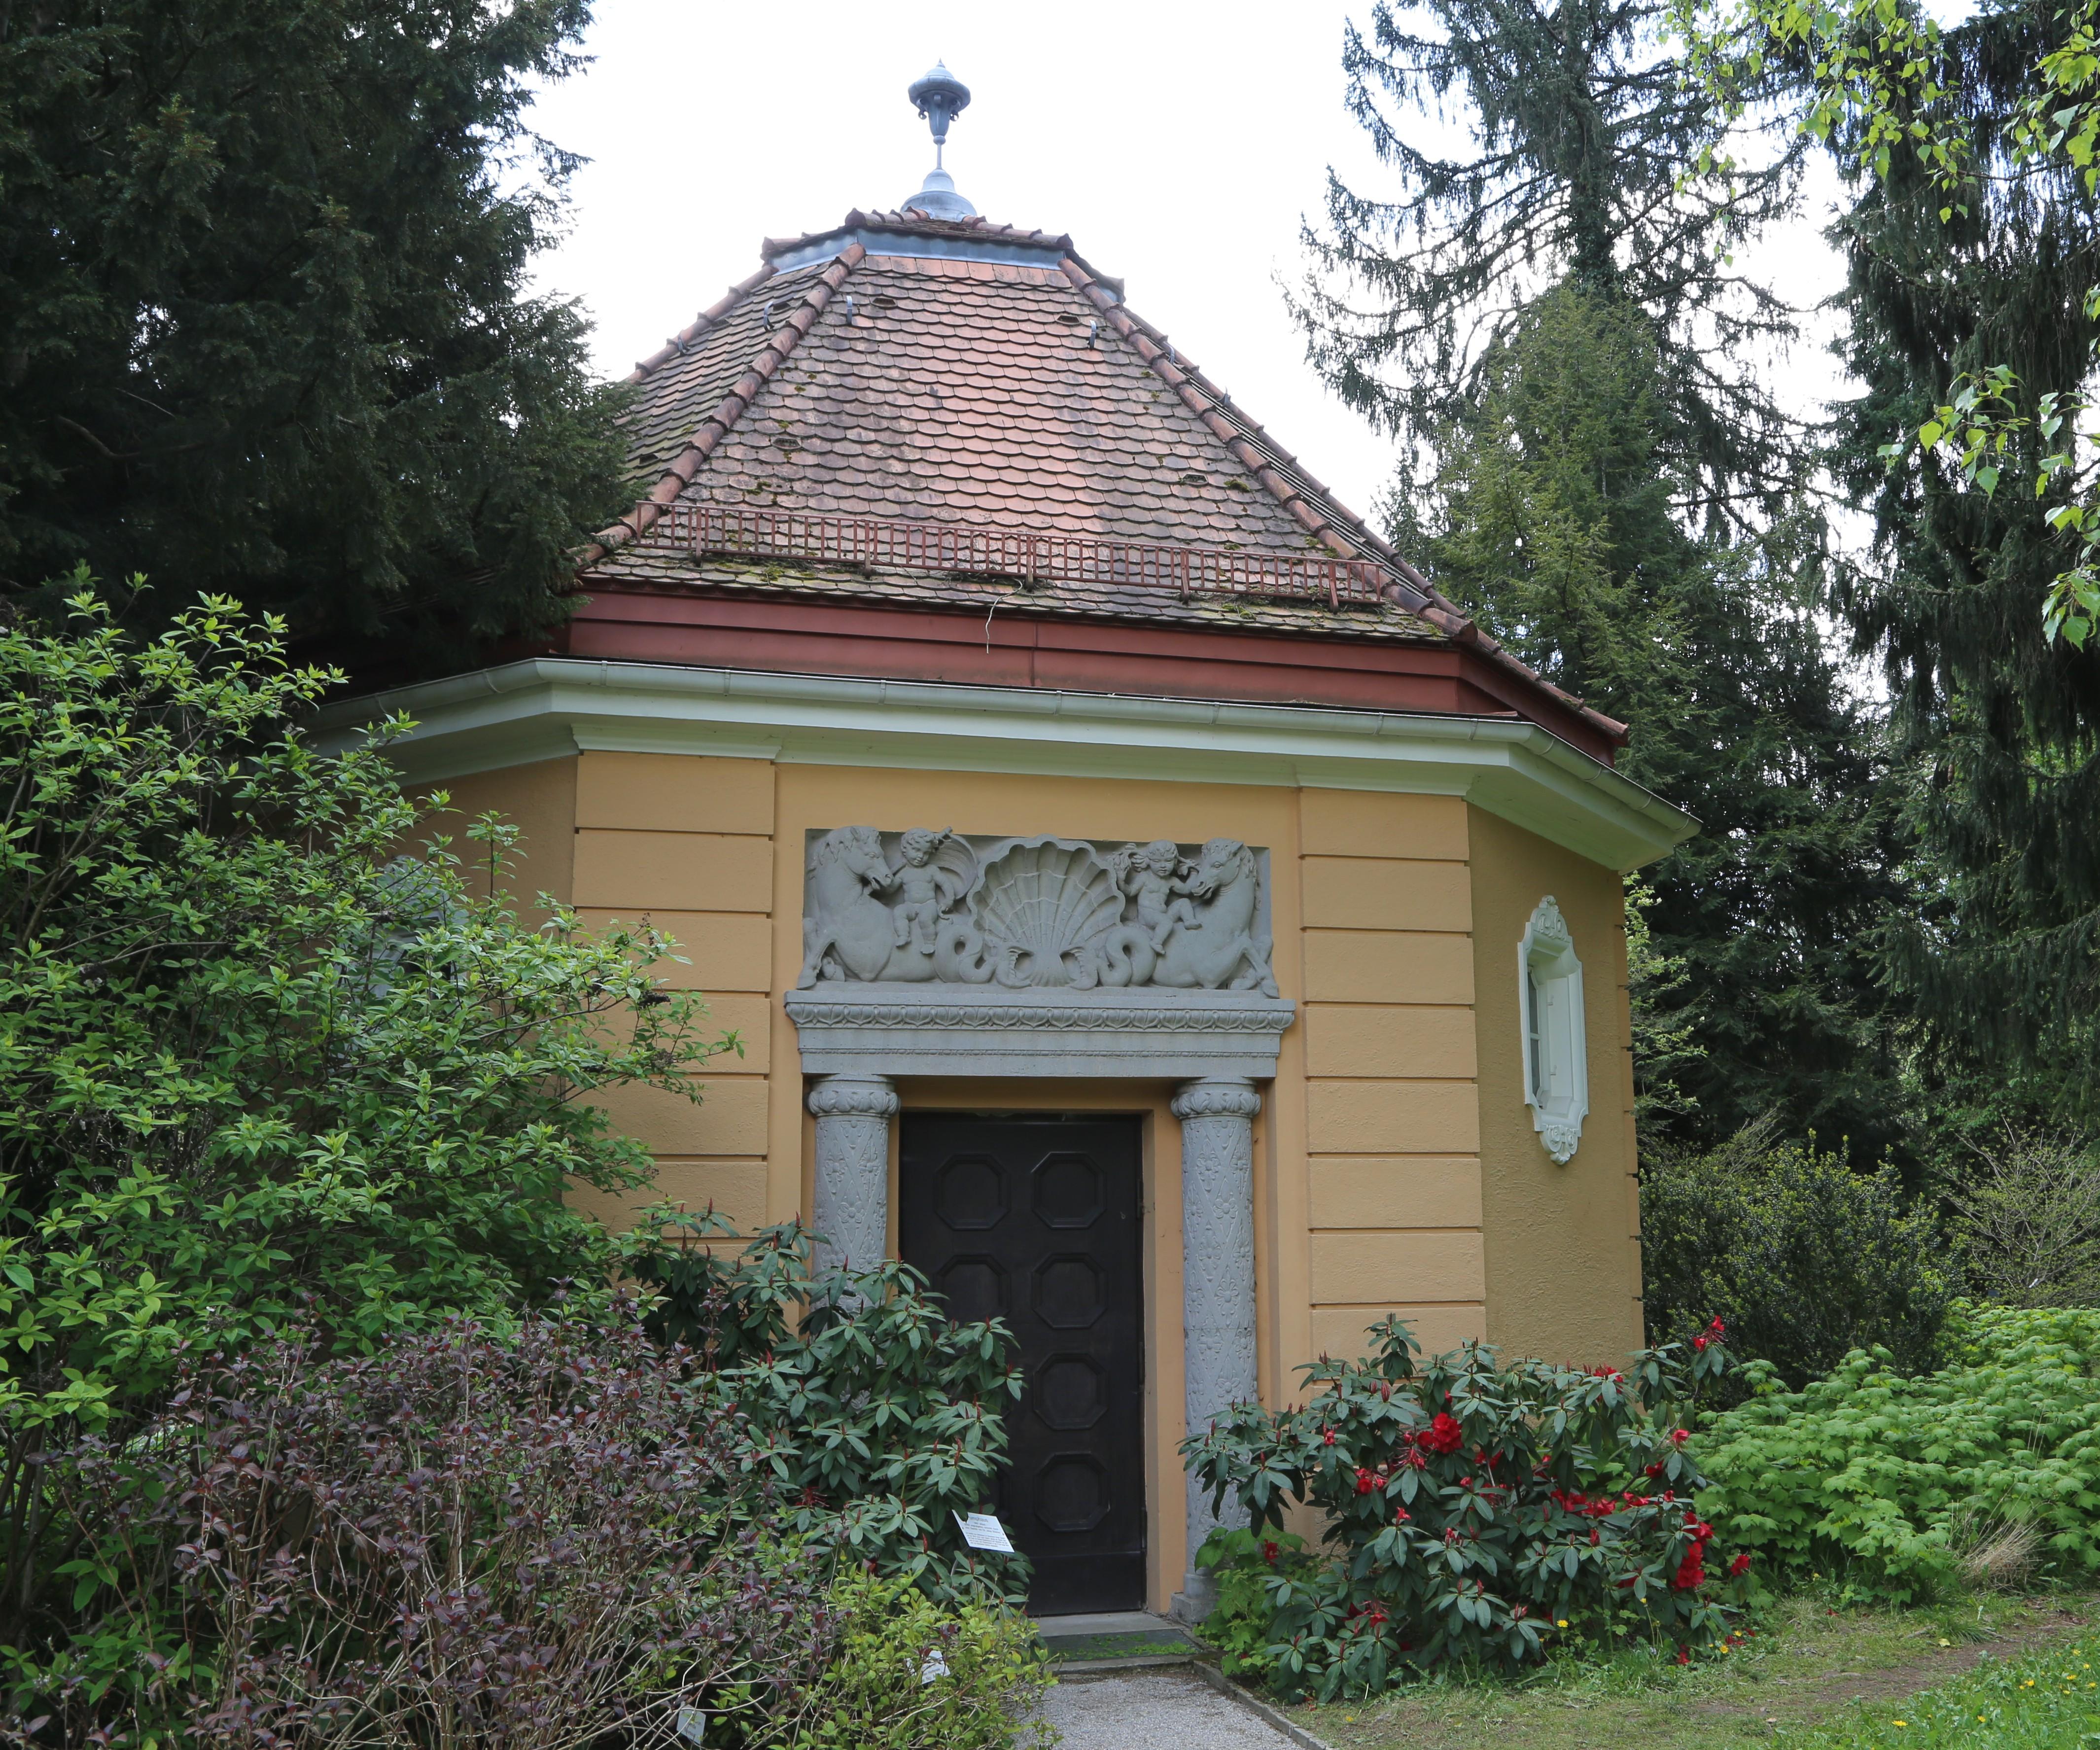 Filepumpenhaus Botanischer Garten Muenchen 2jpg Wikimedia Commons